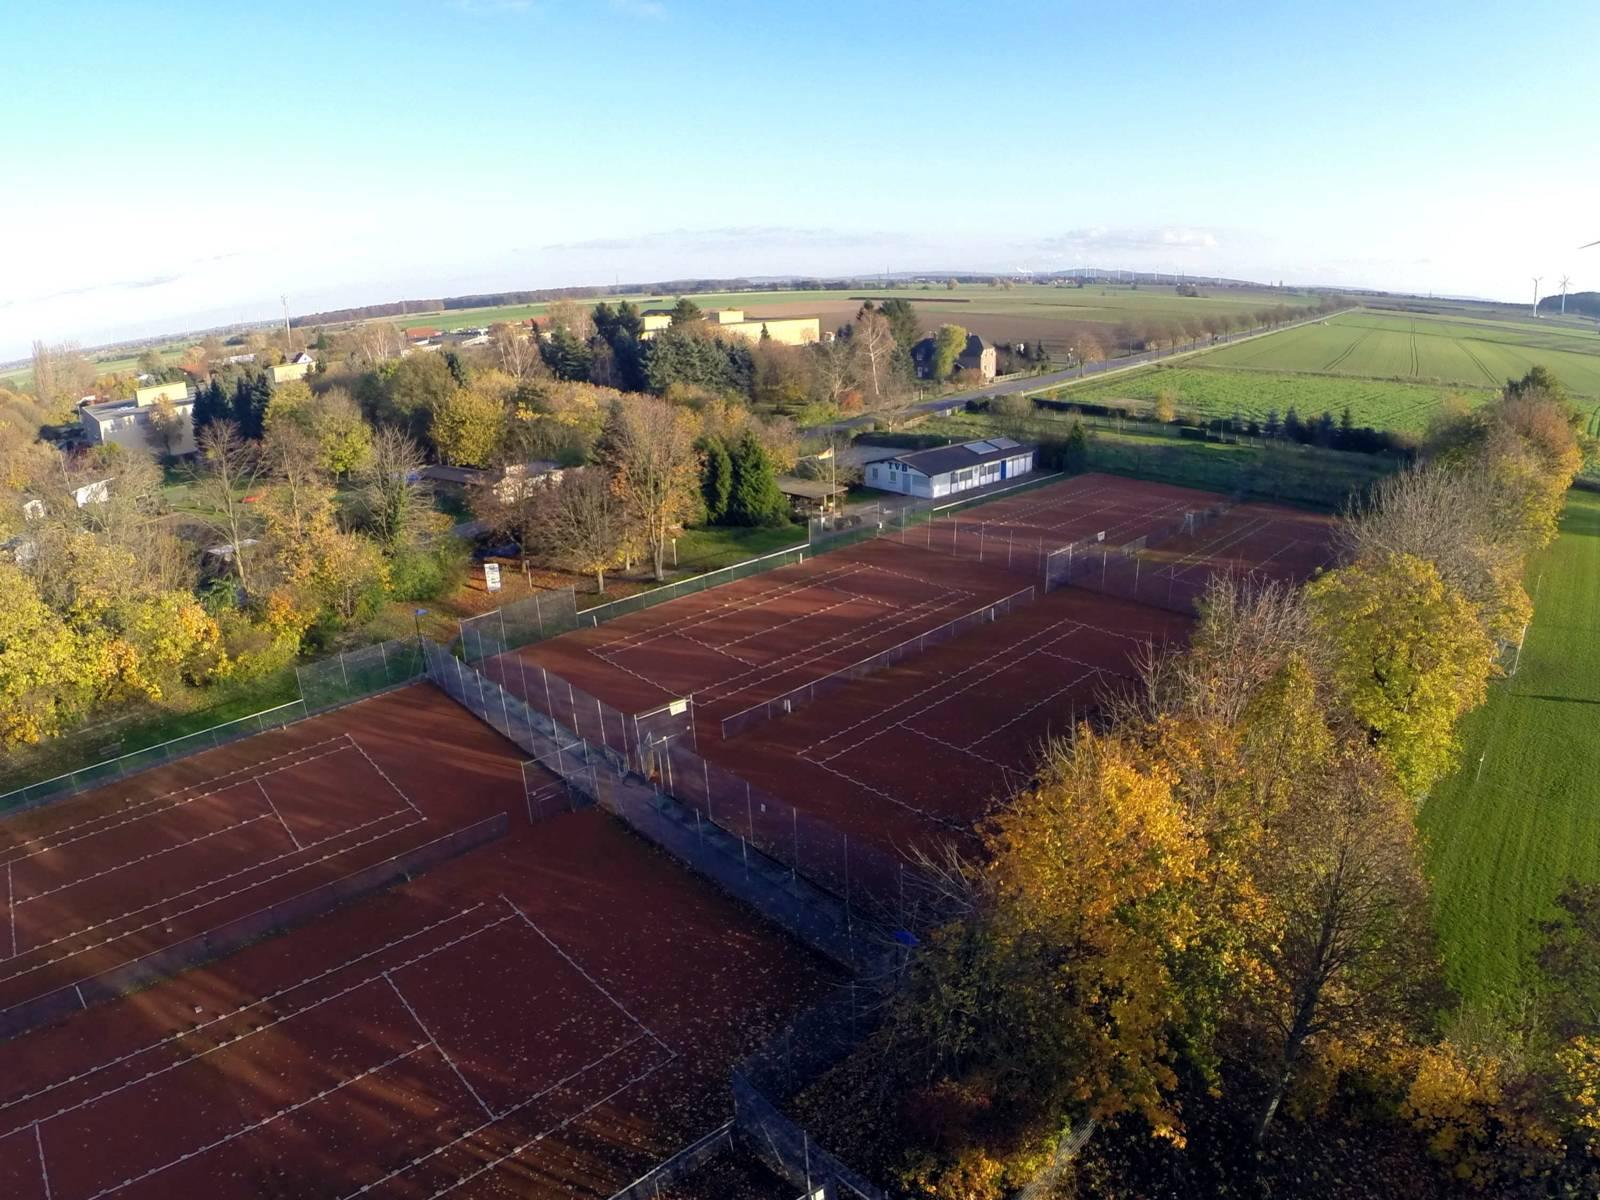 Luftbild der Sportanlage